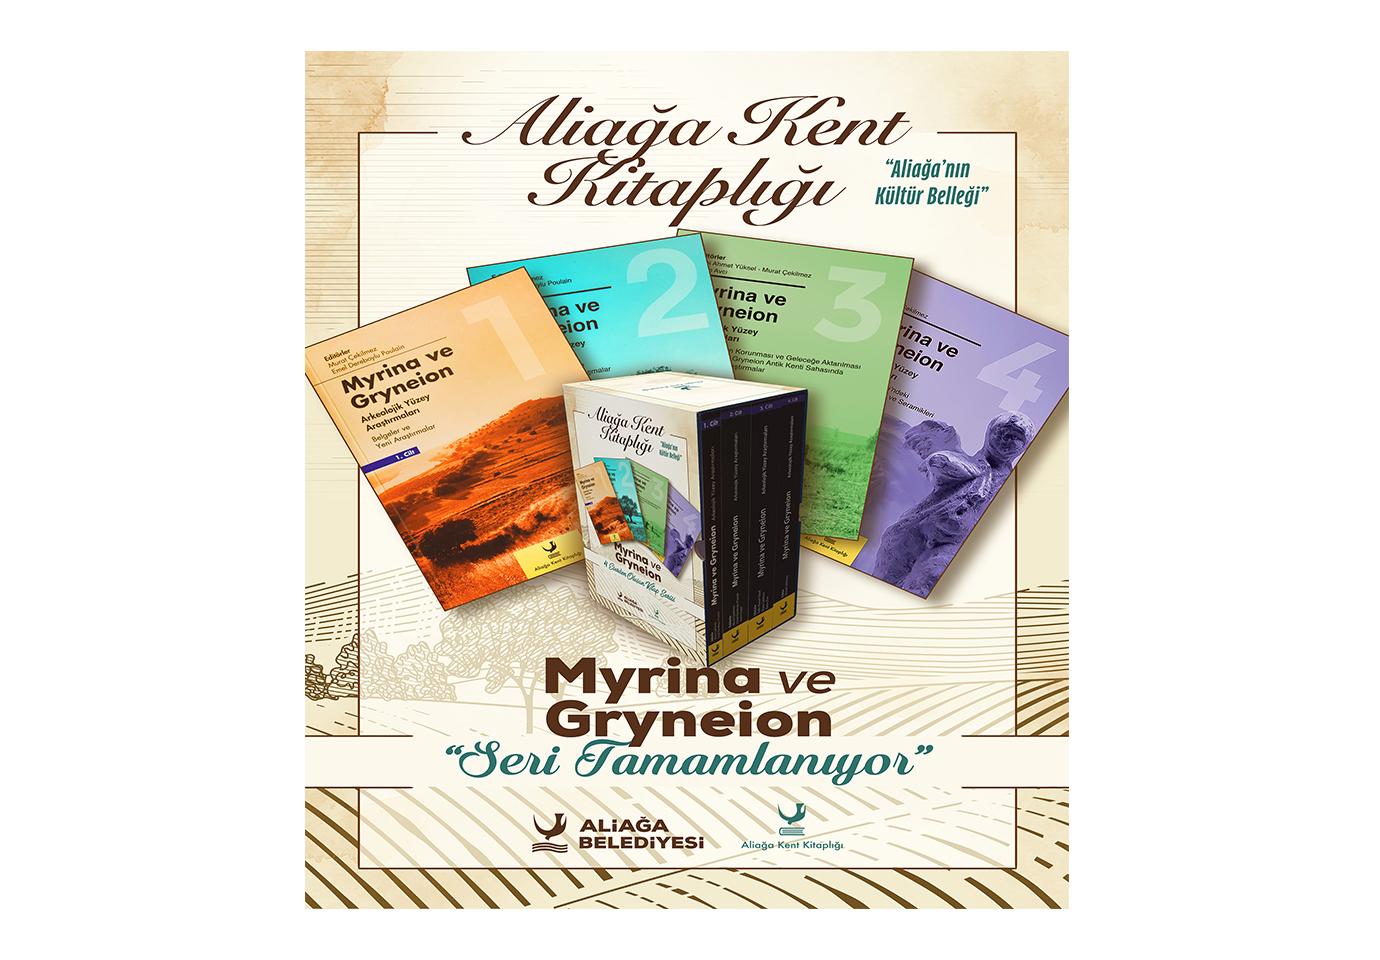 Aliağa'da Myrina ve Gryneion Serisi Tamamlanıyor